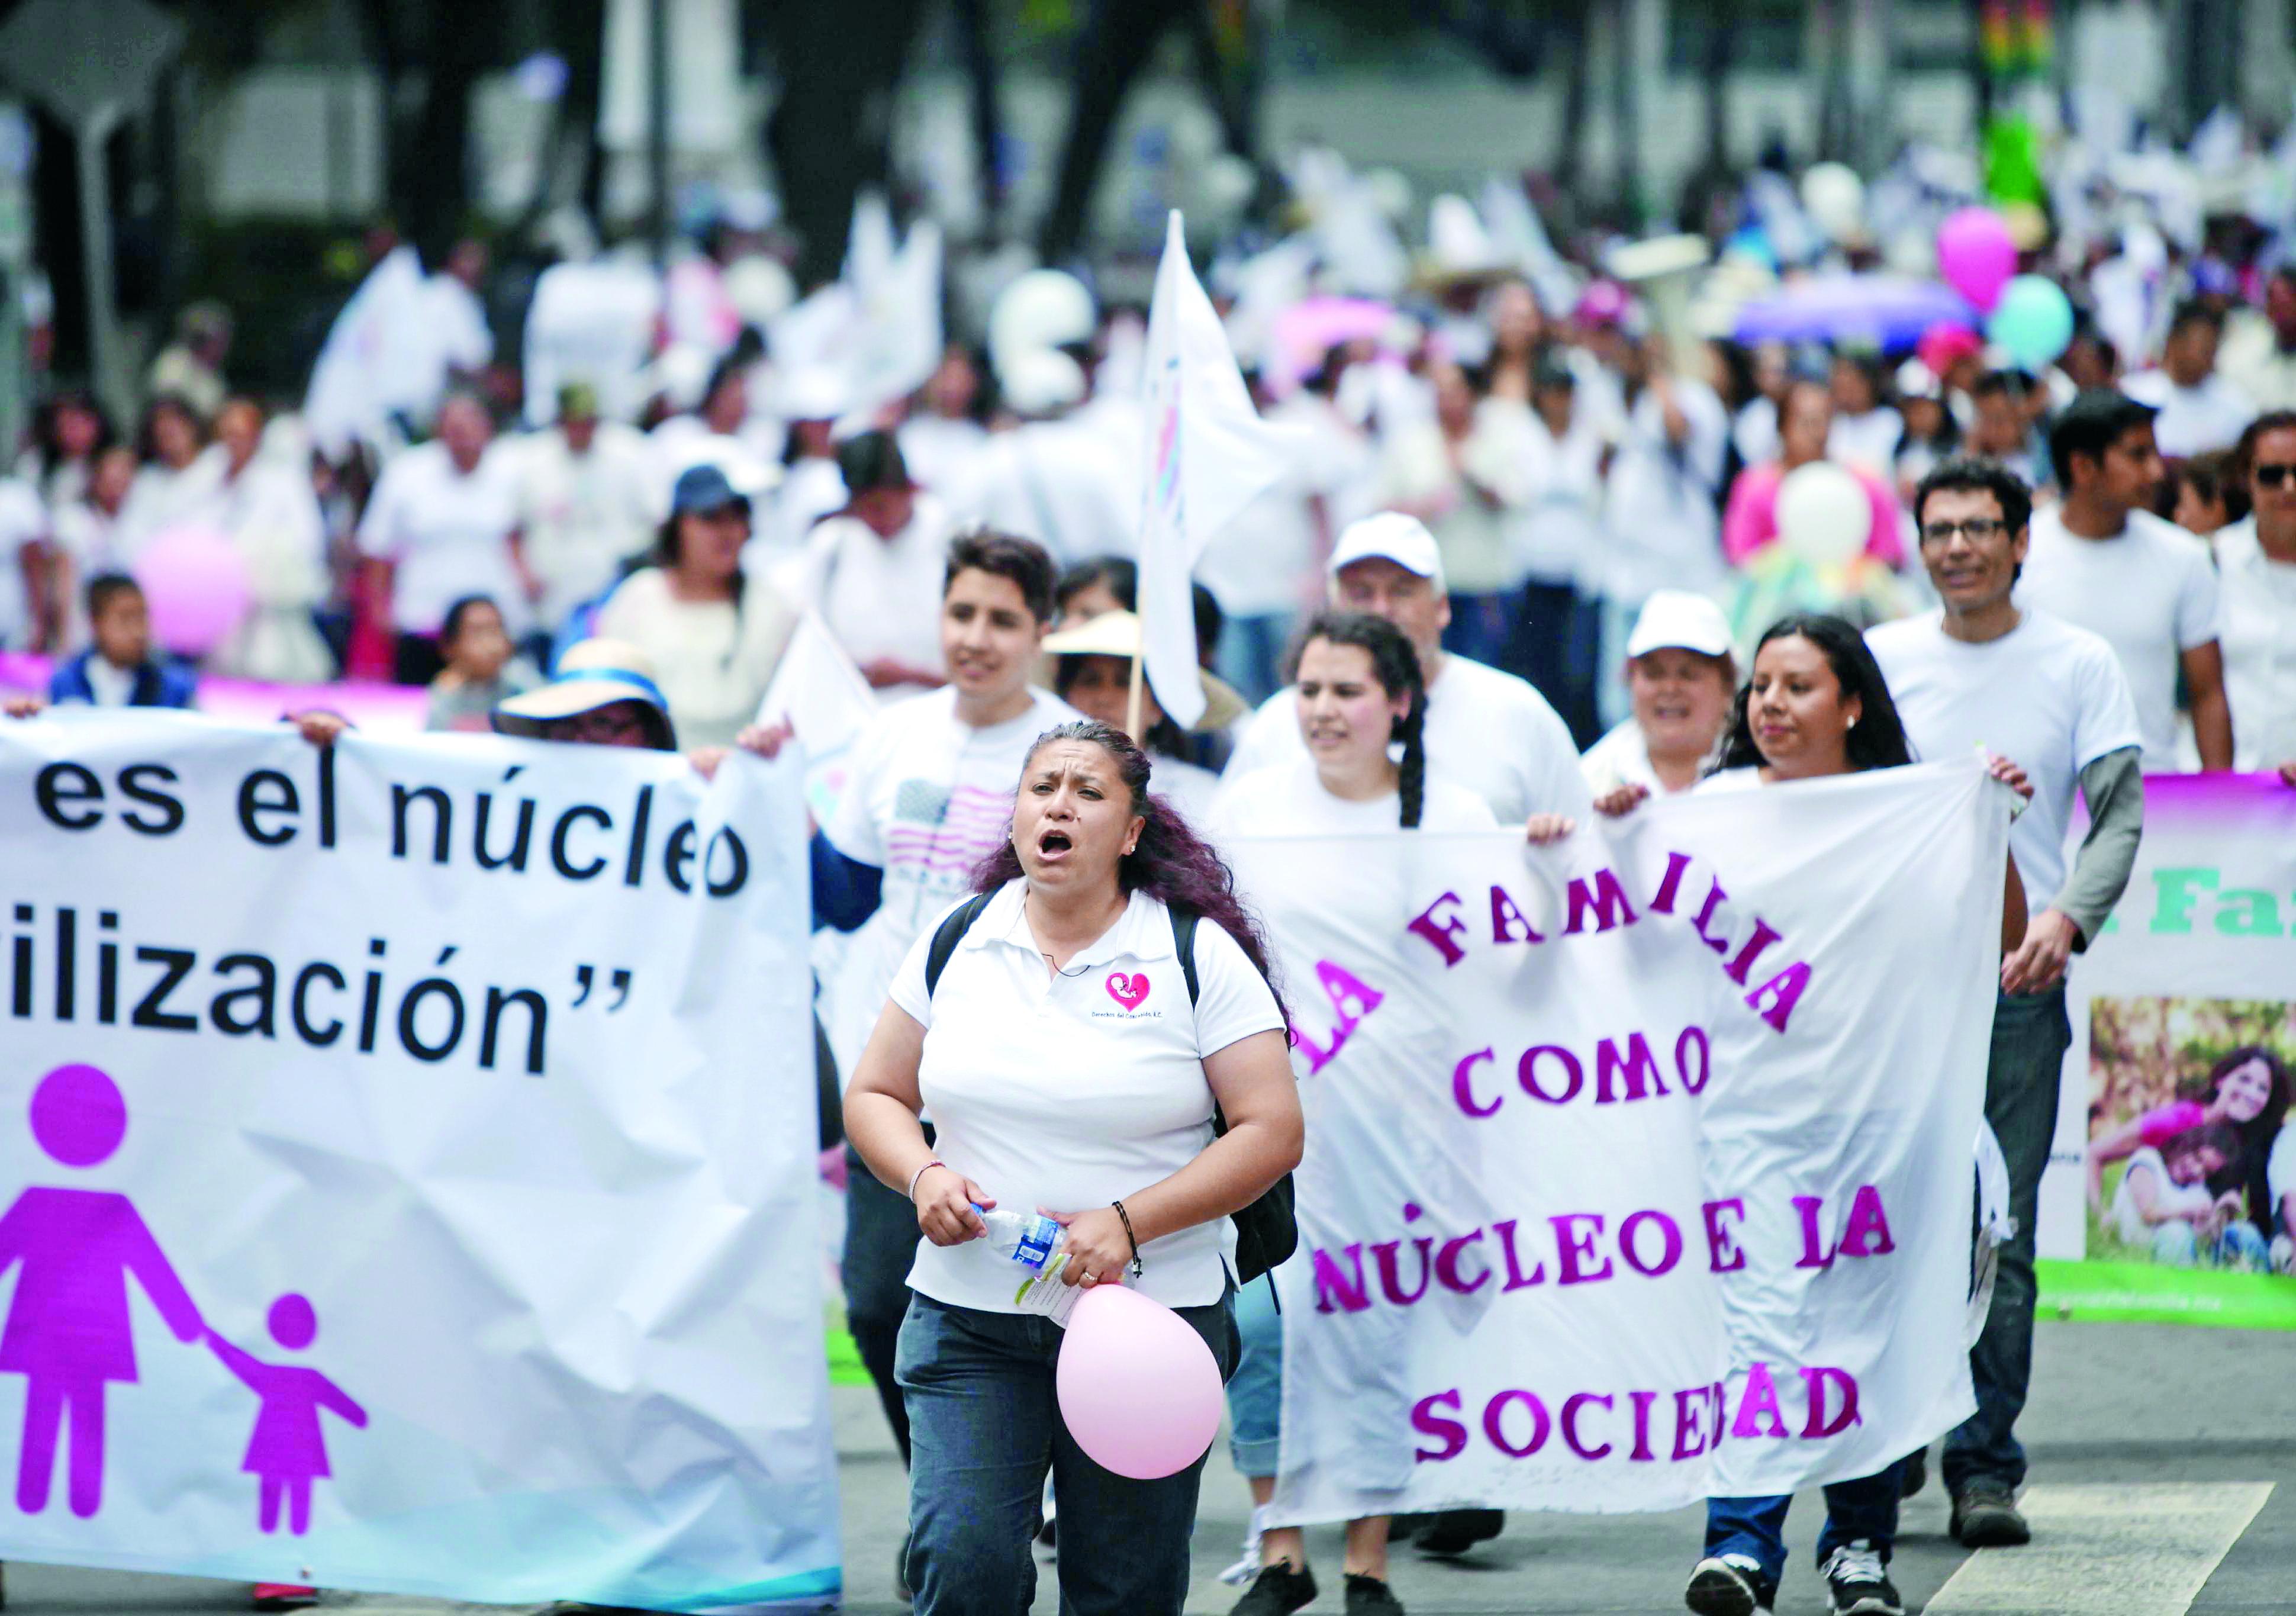 Imagen: Y. Xolapa, G. García